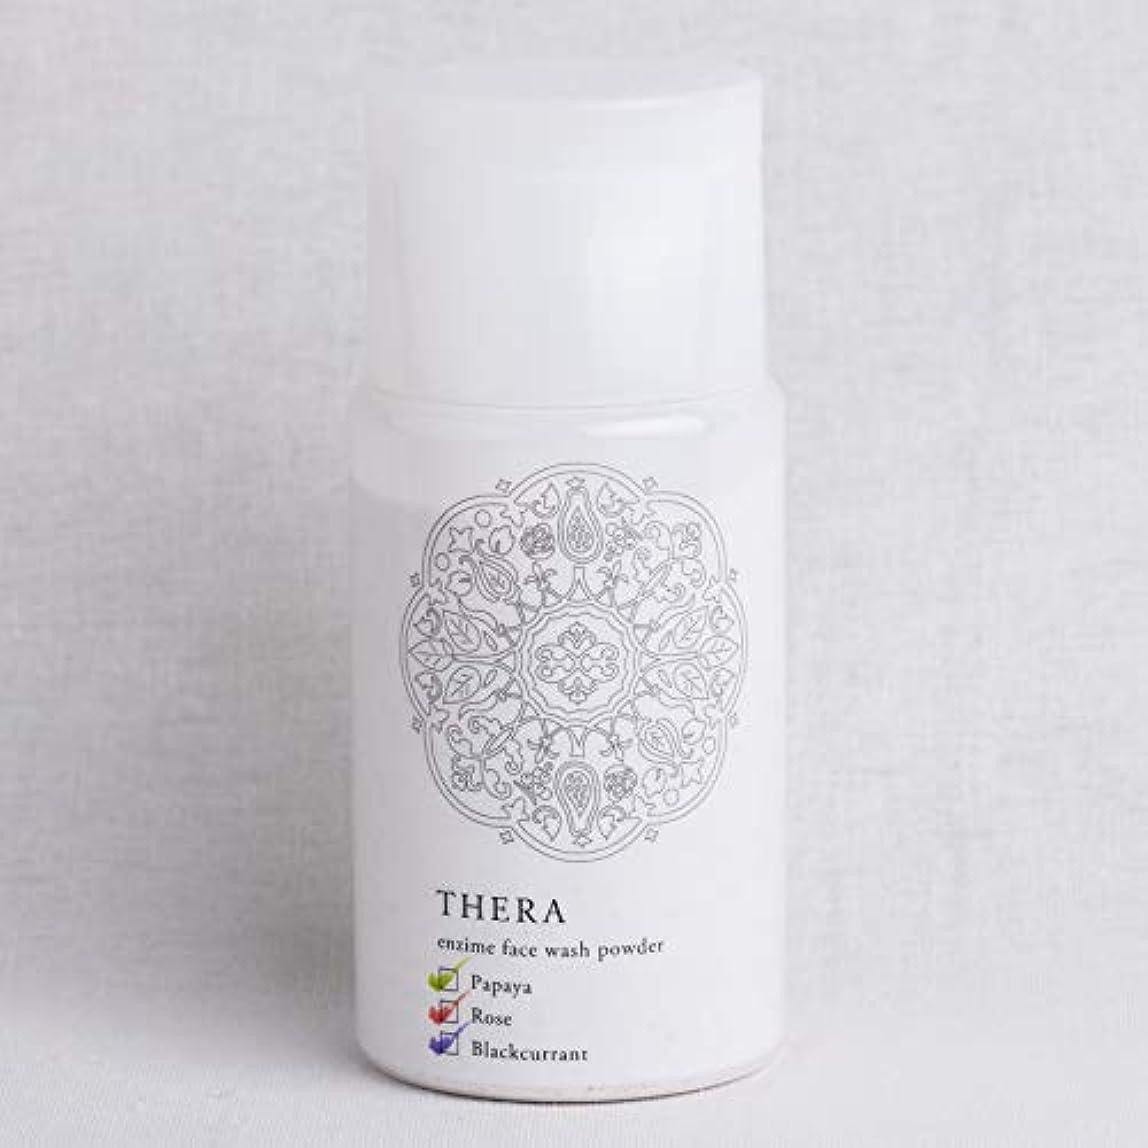 純粋にバッフル万歳THERA(テラ) 酵素のあらい粉 洗顔 あか 50g